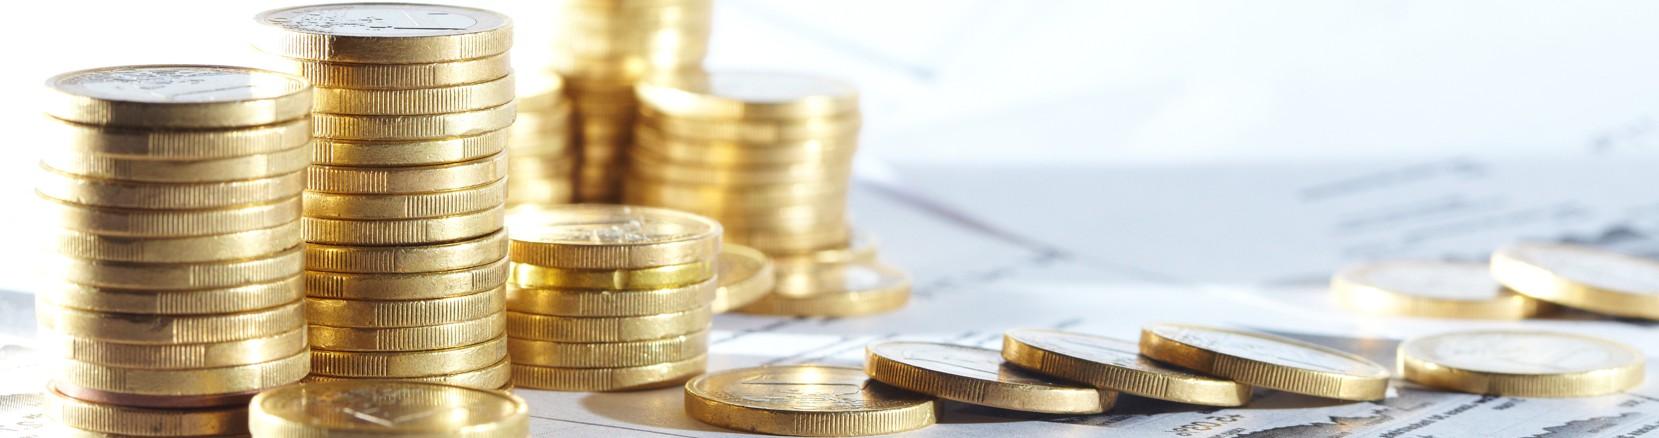 Curso online de Finanzas Personales